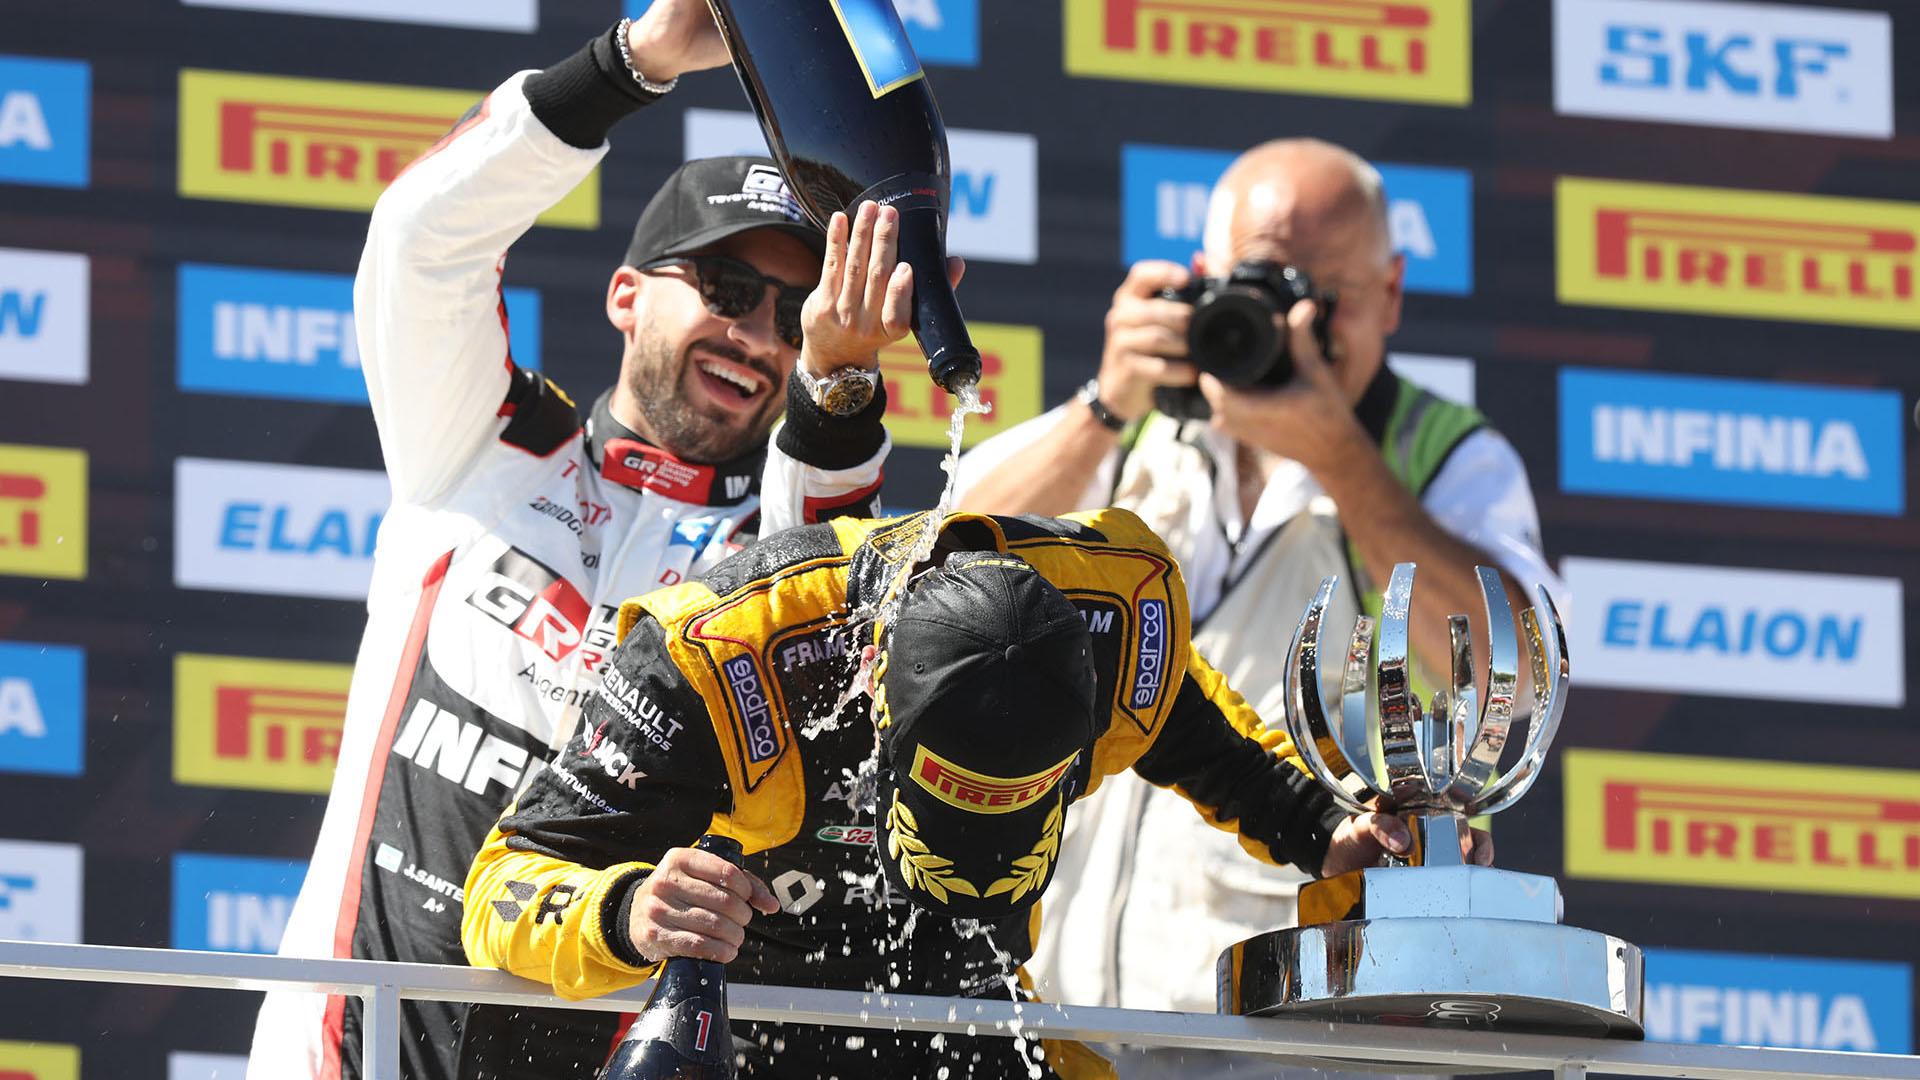 El festejo de los pilotos más rápidos del domingo